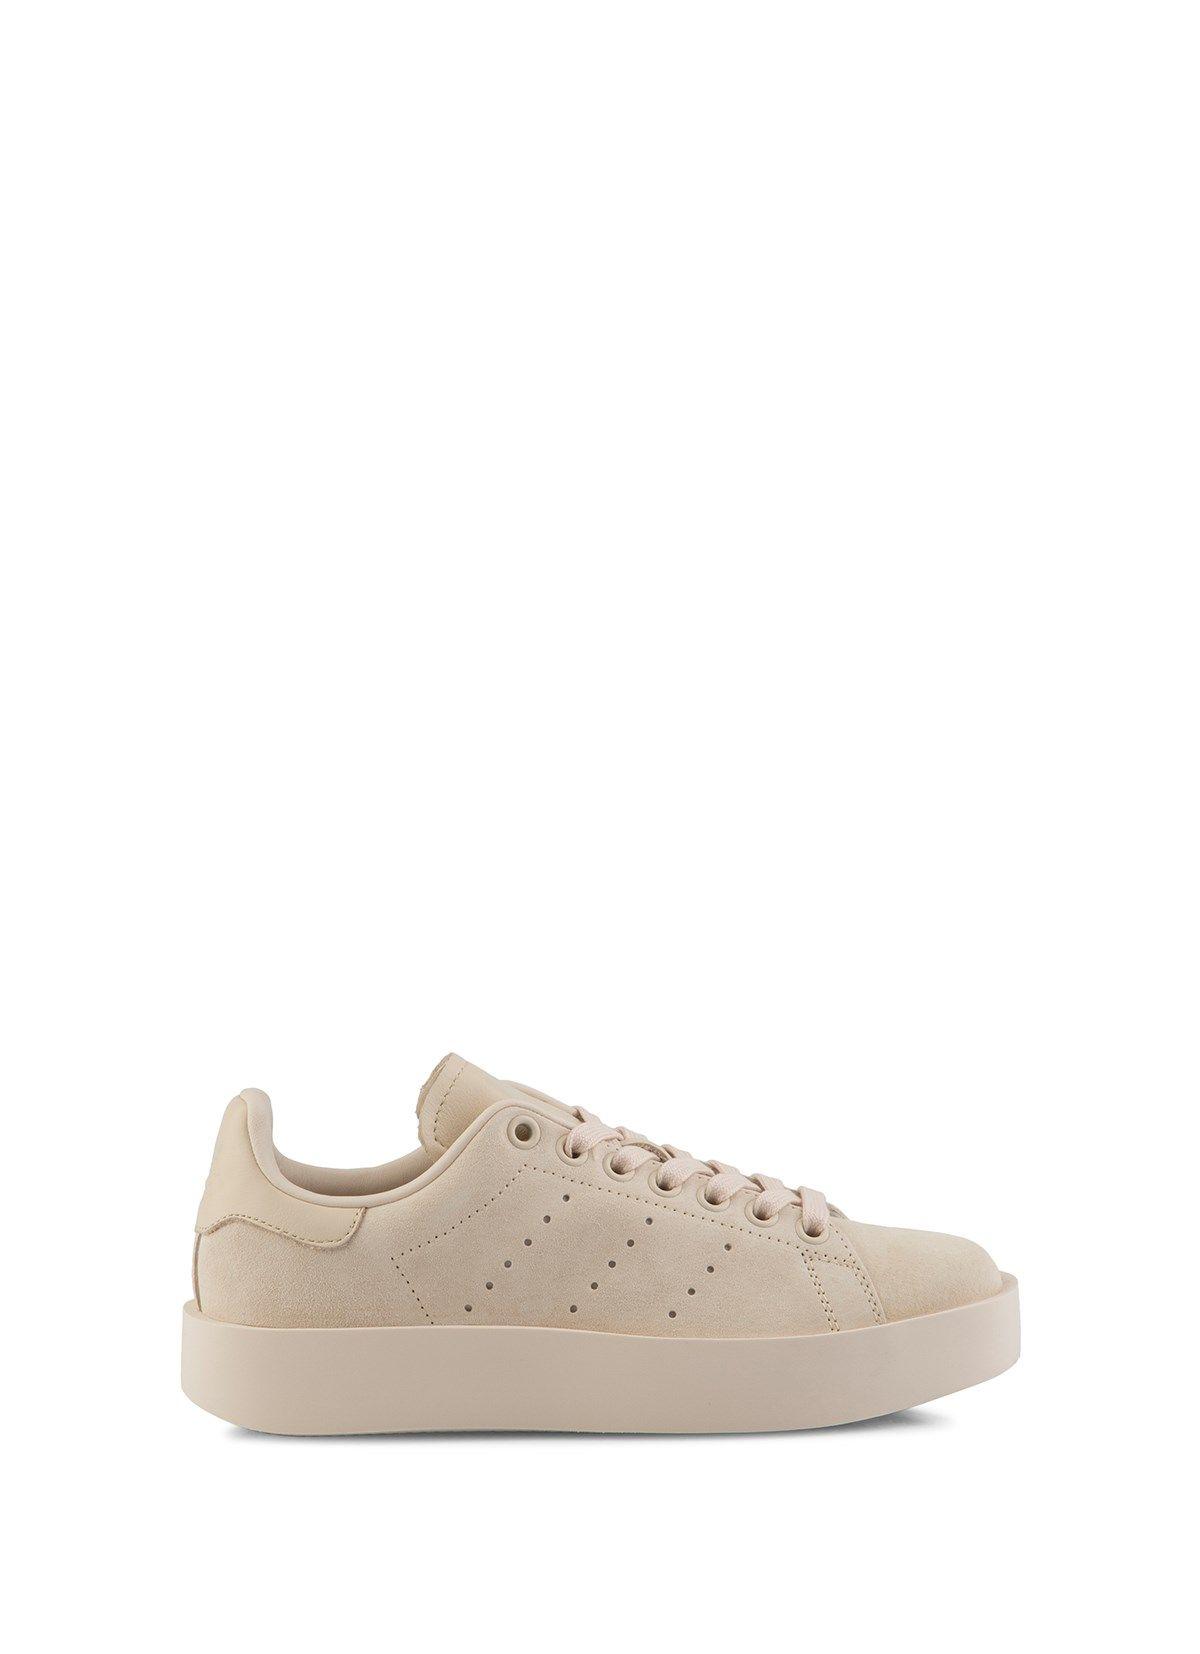 Adidas Stan Smith Bold W Nathalie schuterman tienda multimarca